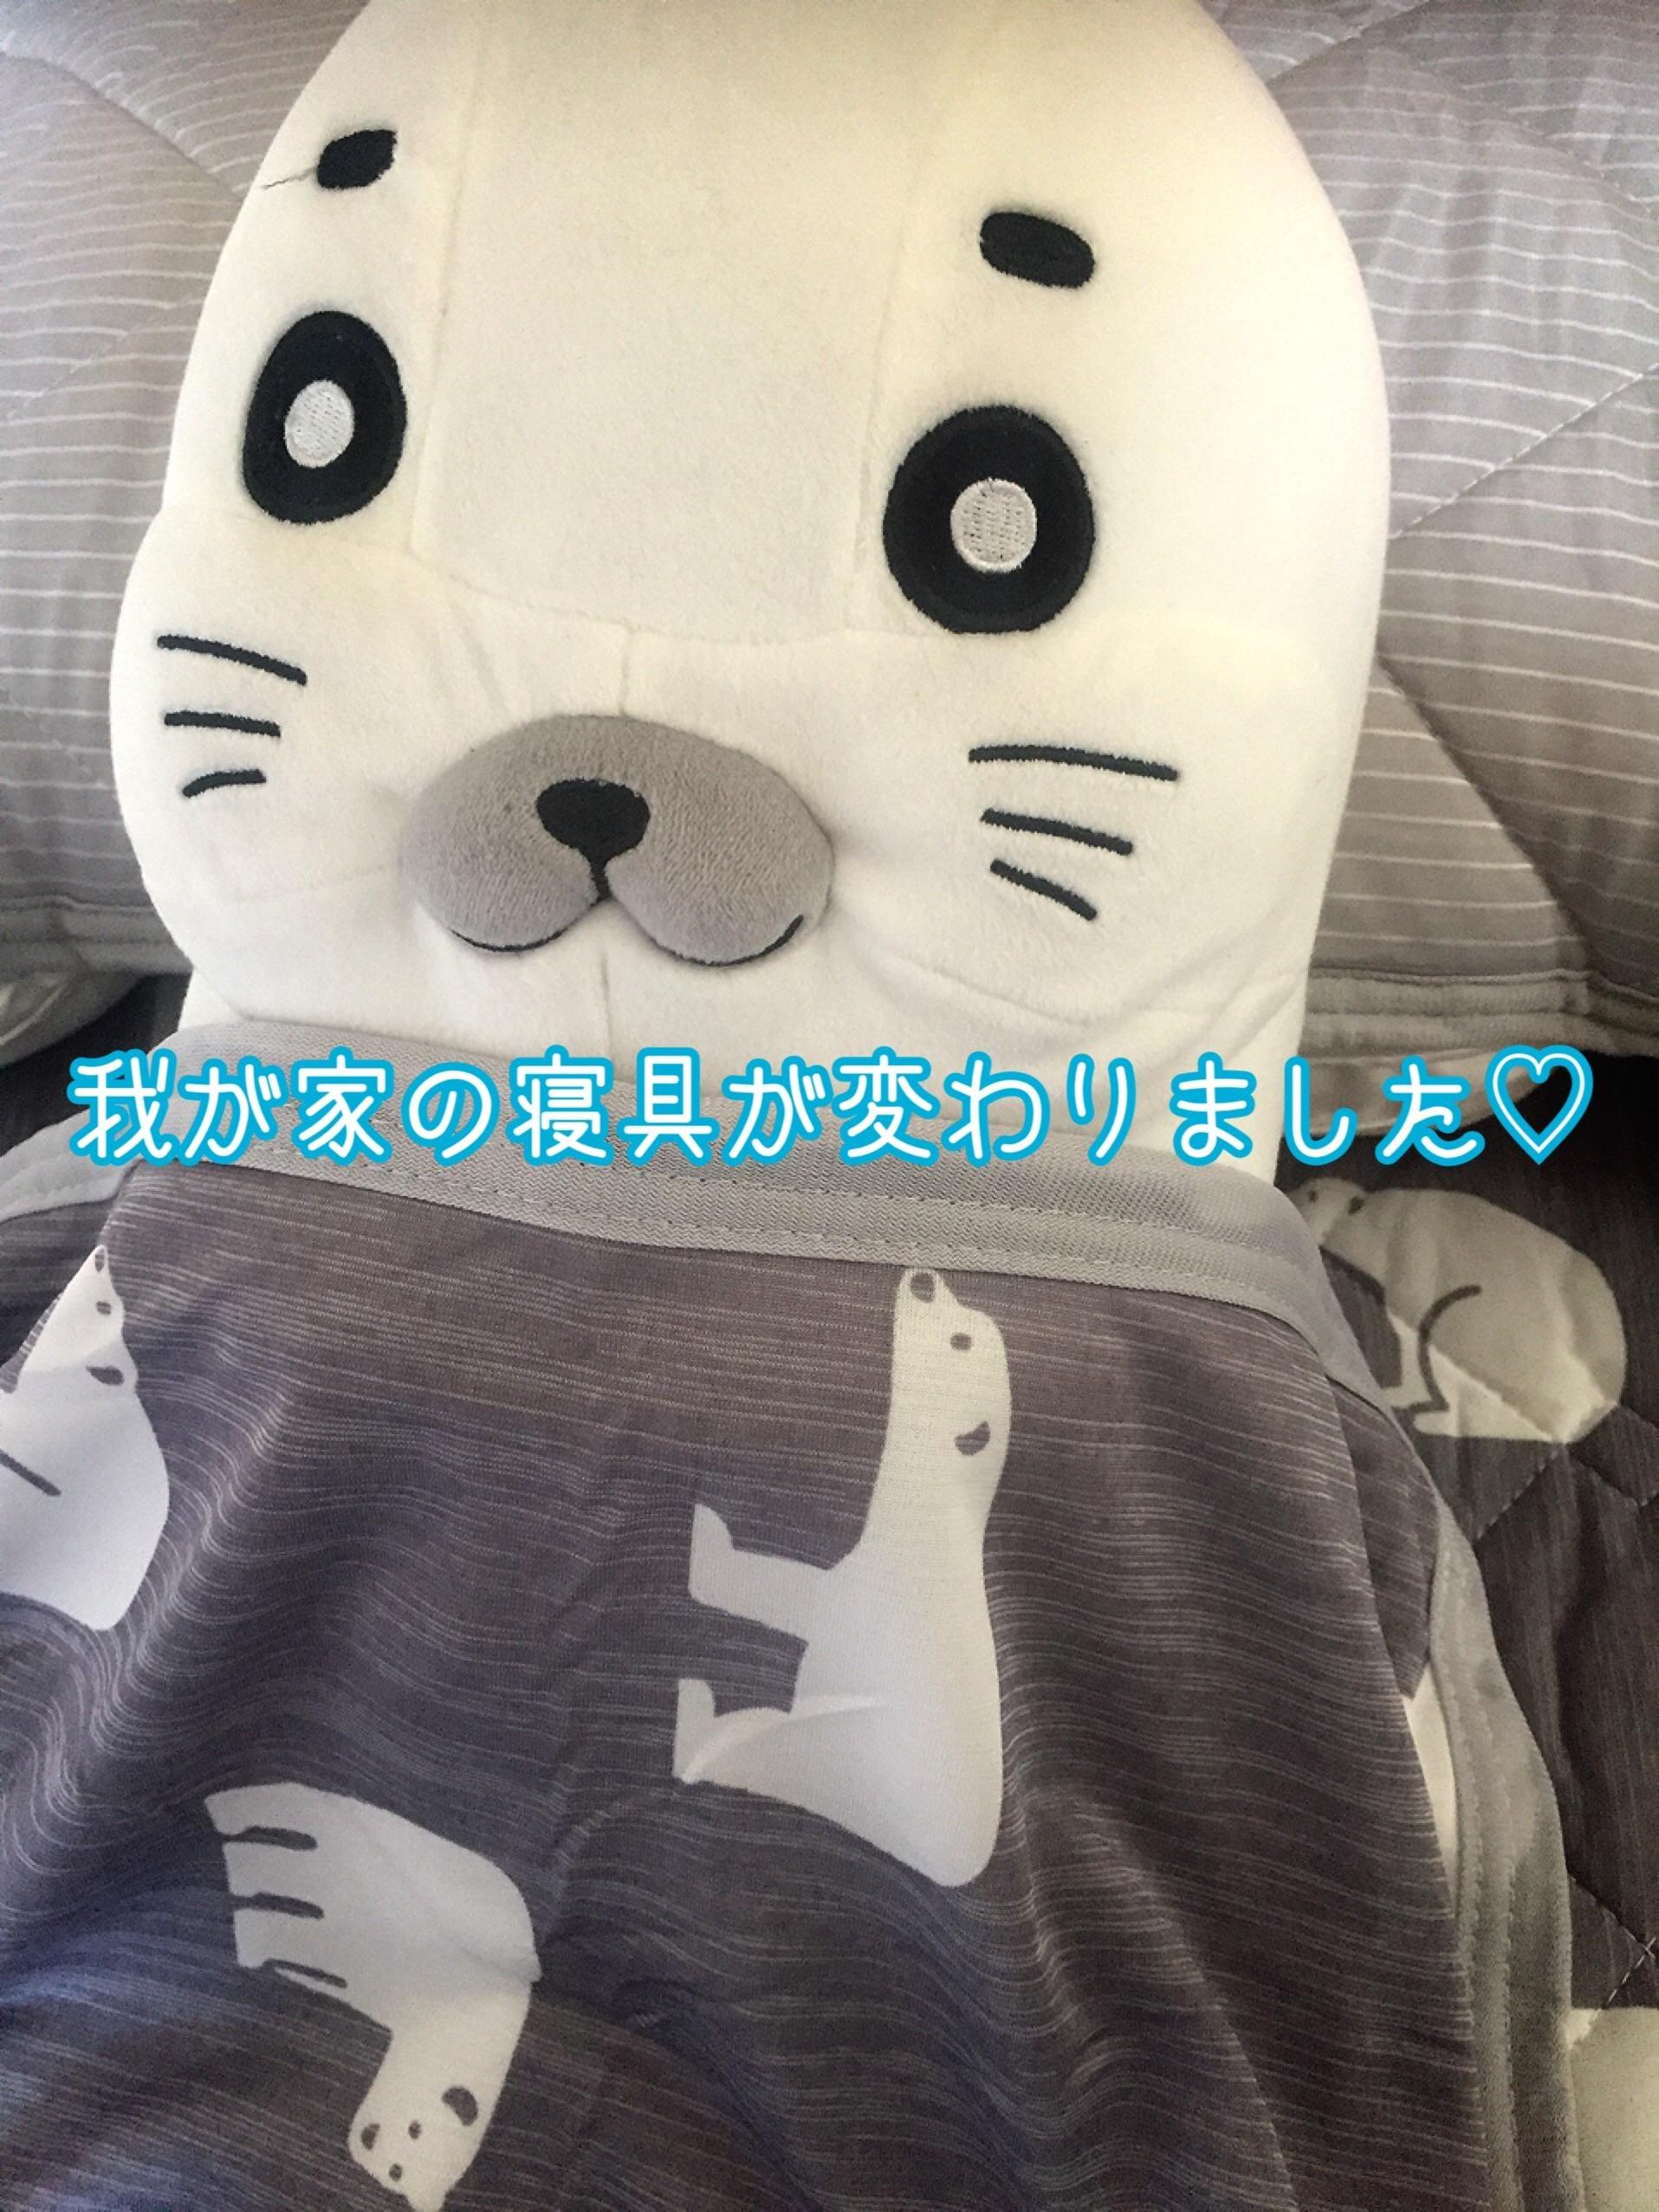 かのり「キュ〜♪」06/18(月) 16:32 | かのりの写メ・風俗動画